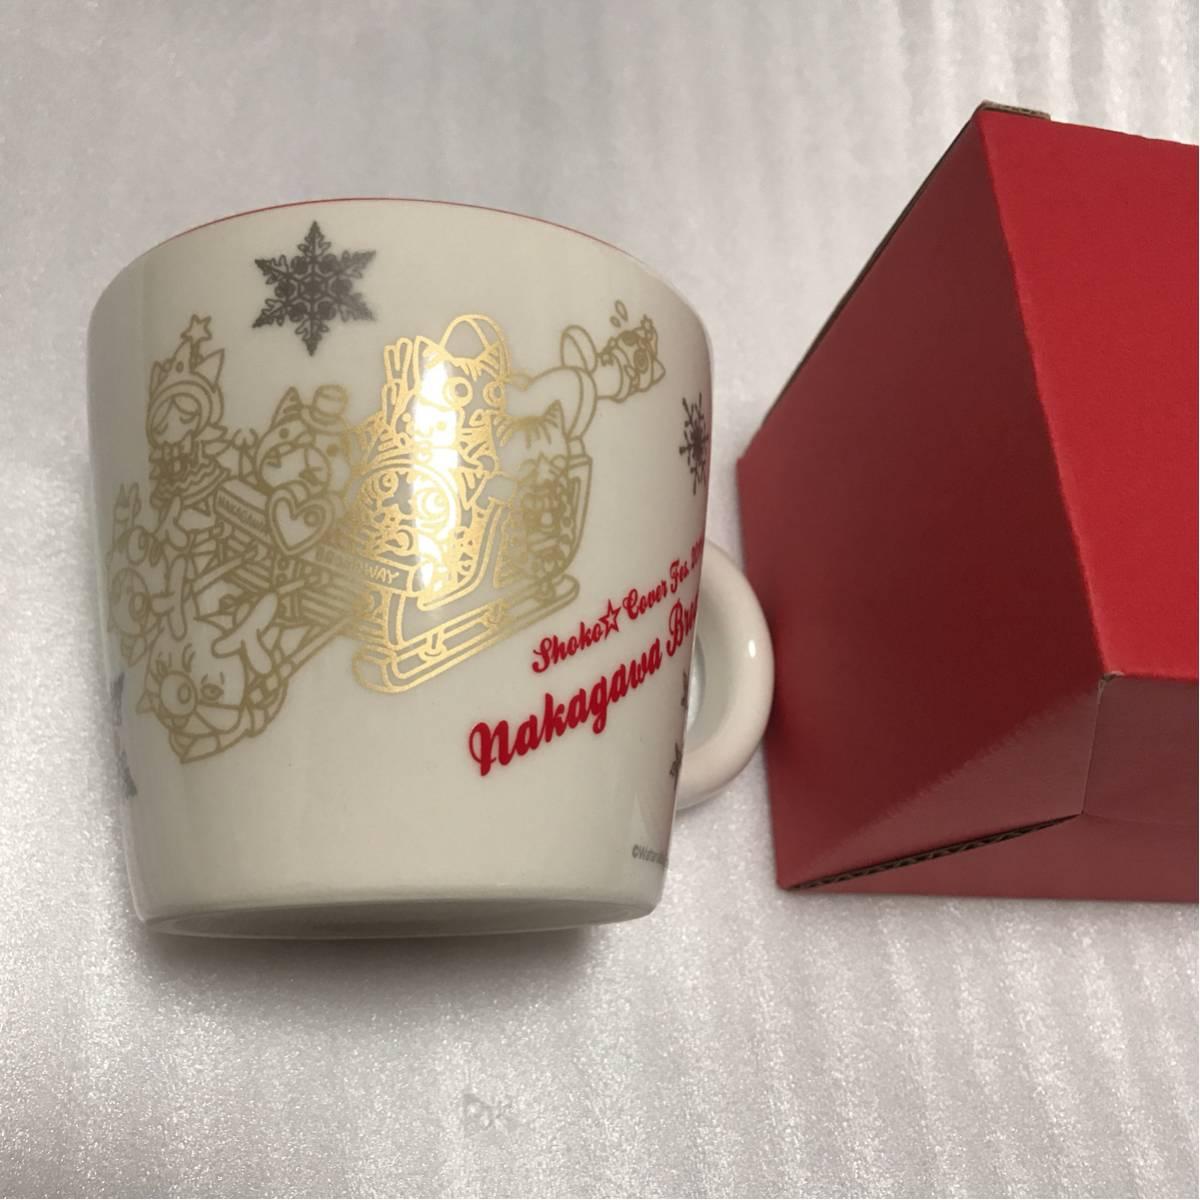 中川翔子 しょこたん マグカップ 中川ブロードウェイ ライブグッズ 新品 未使用